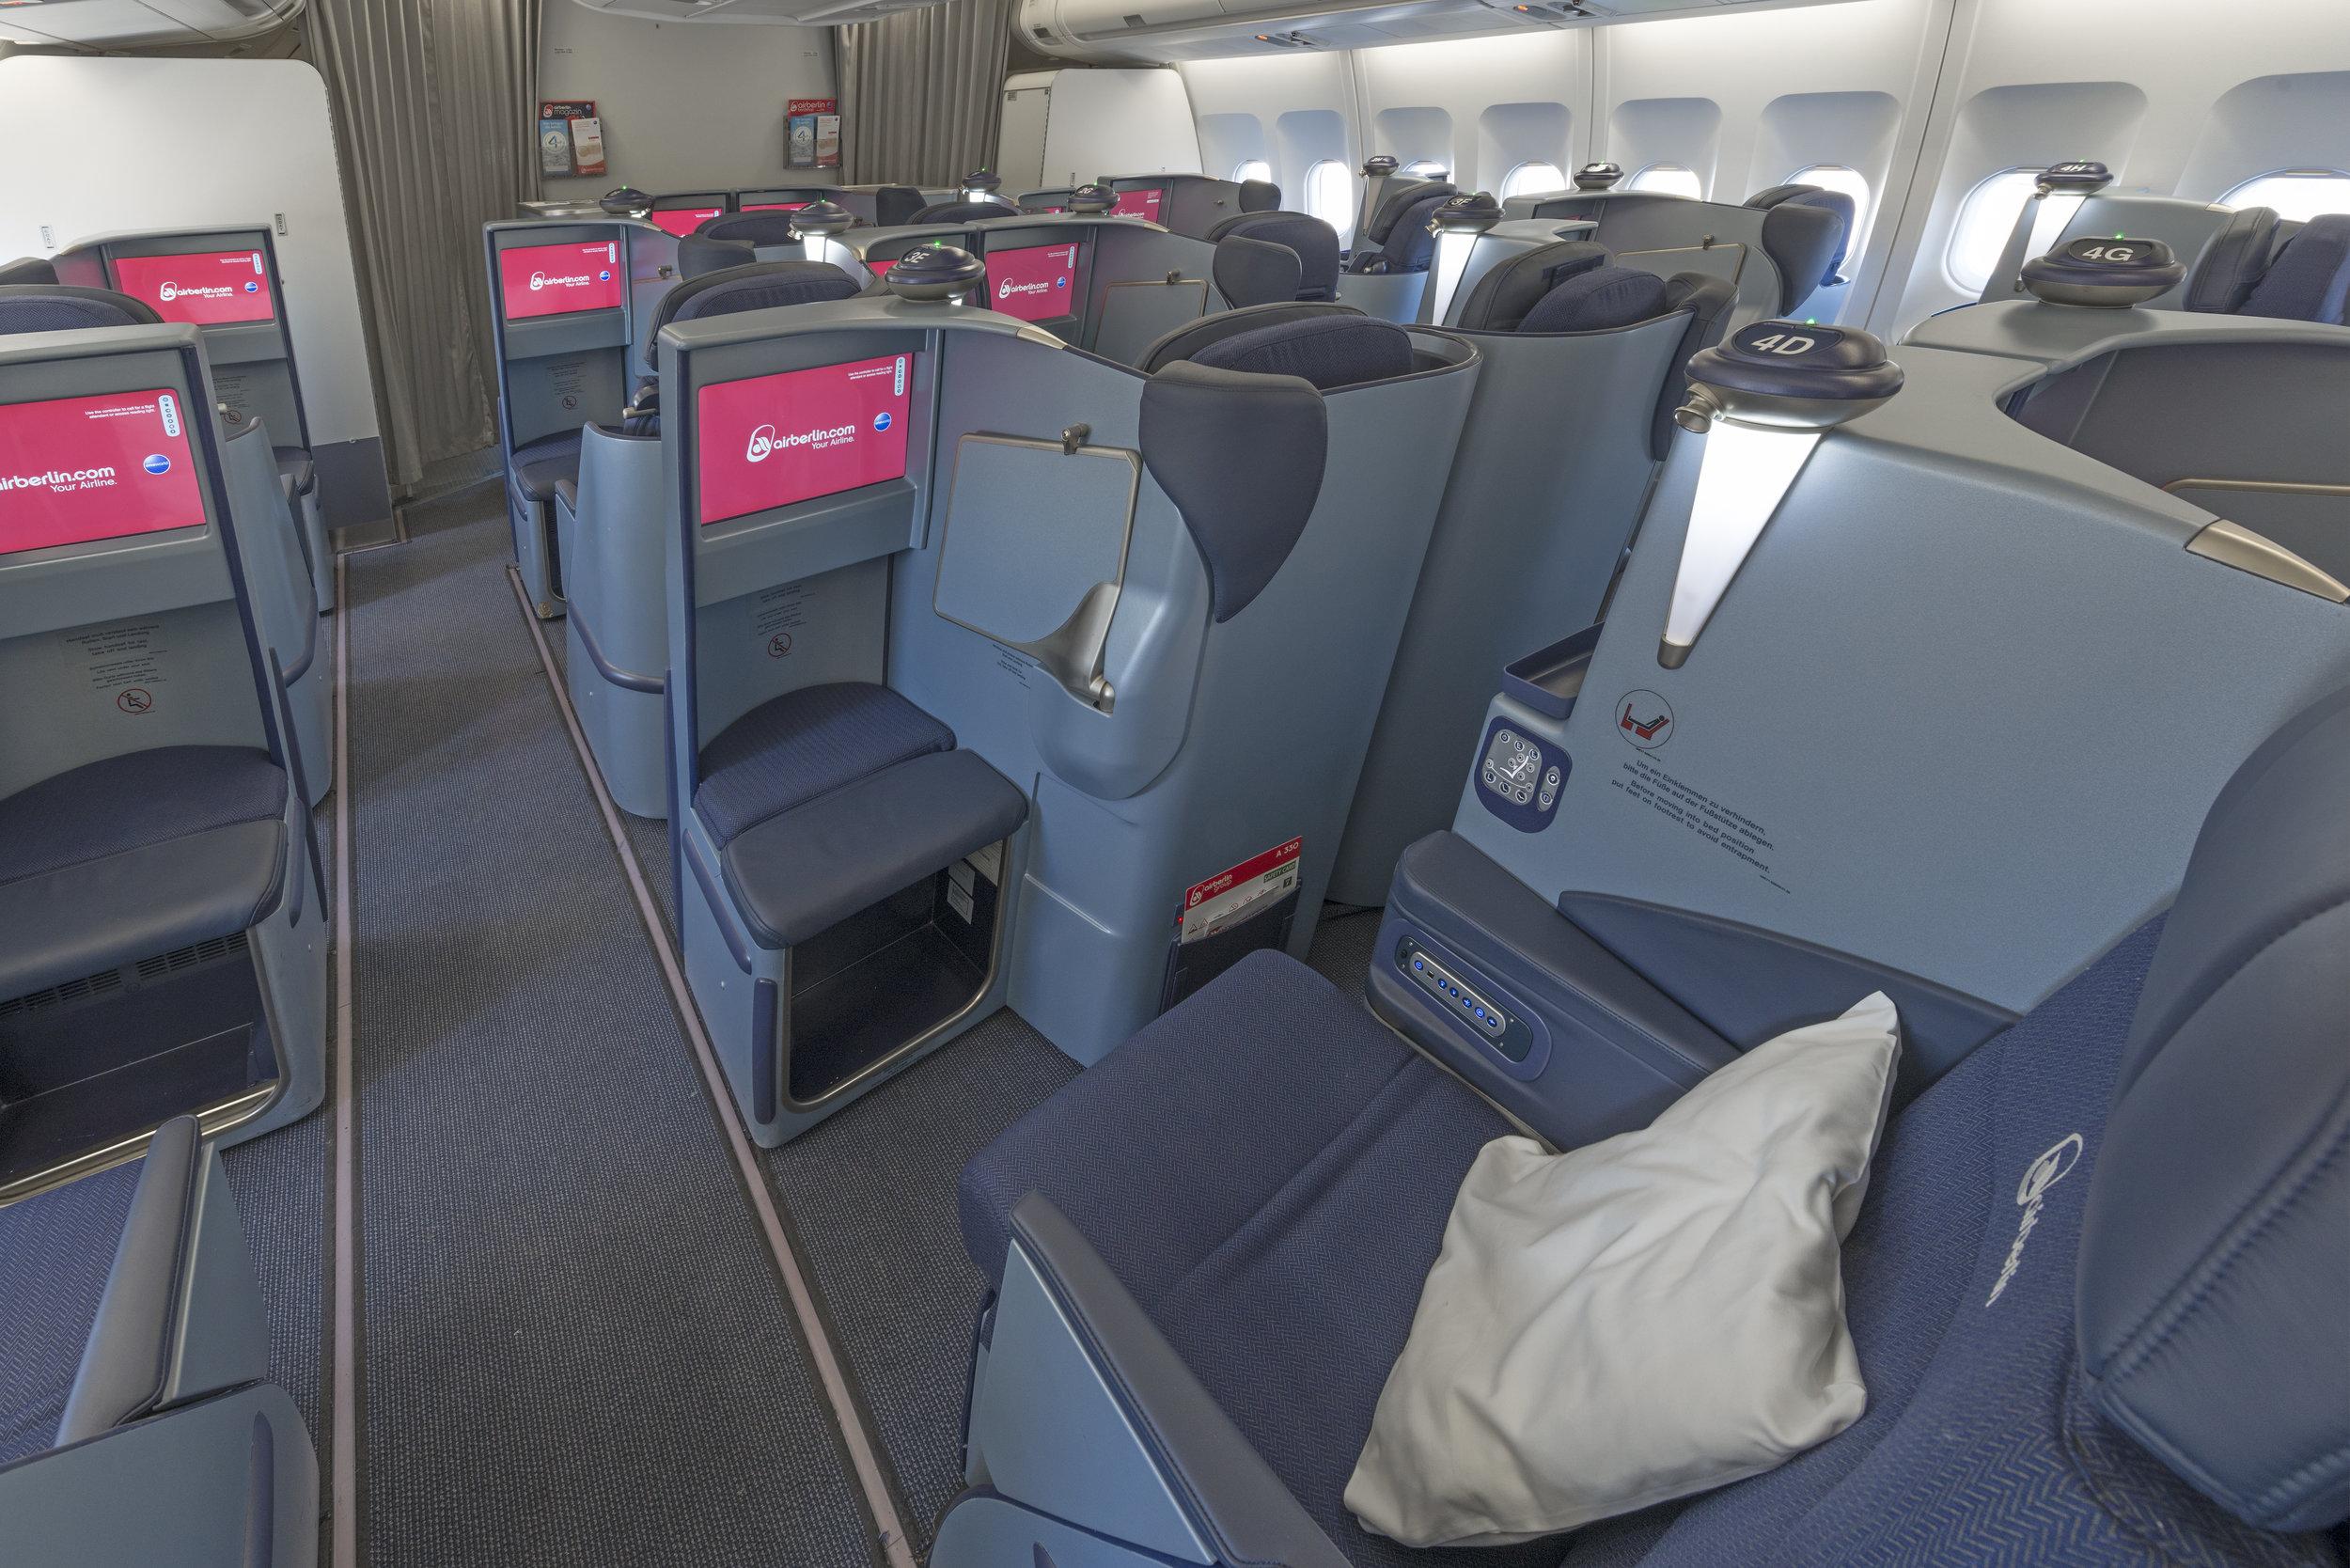 Air Berlin international business class (photo: Air Berlin)